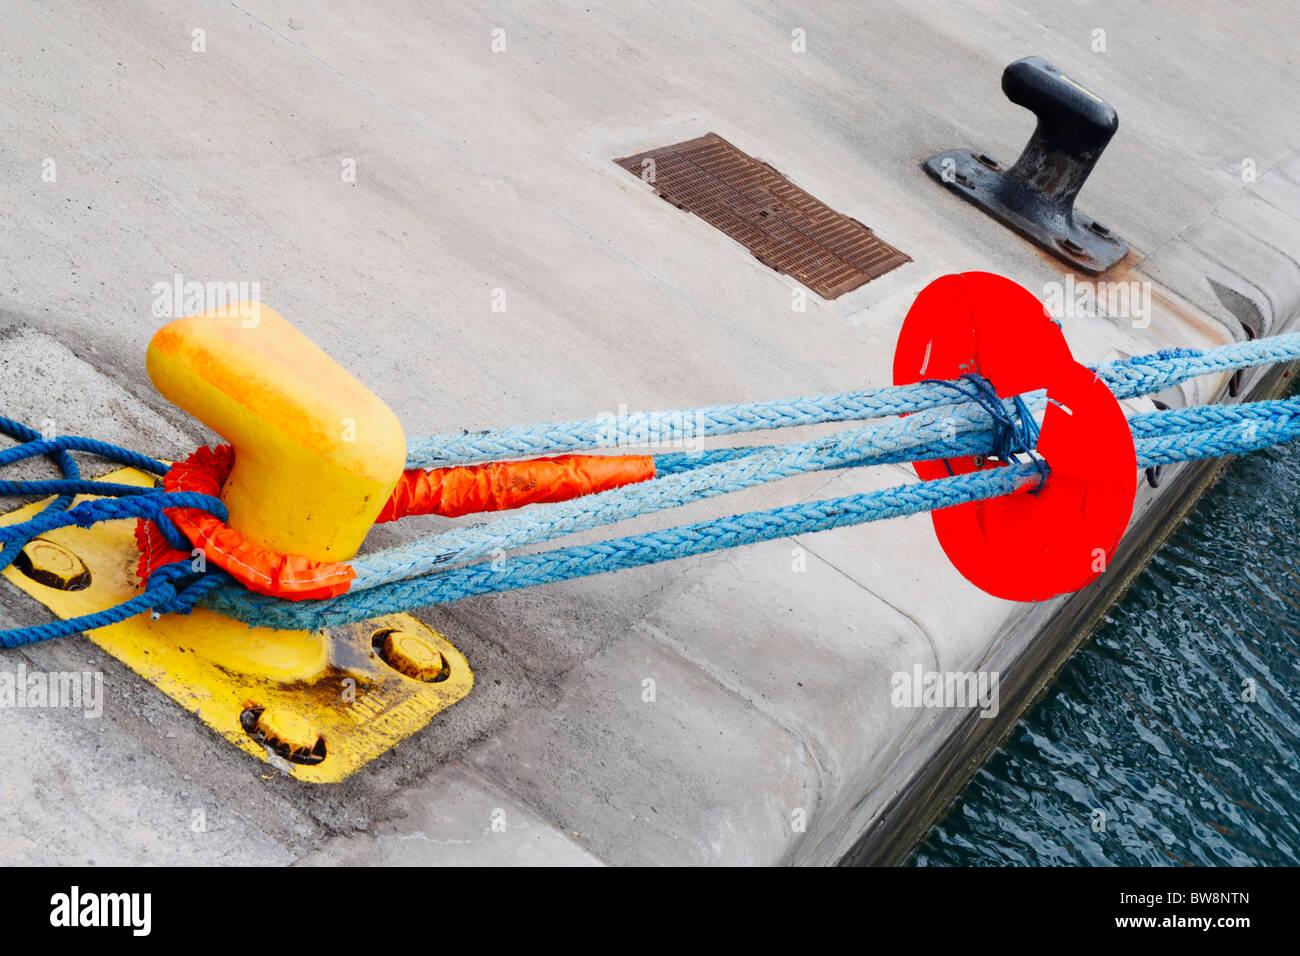 Schiff vor Anker, Poller mit runden Scheibe am Seil, um zu verhindern, dass Ratten, die immer auf Schiff Stockbild